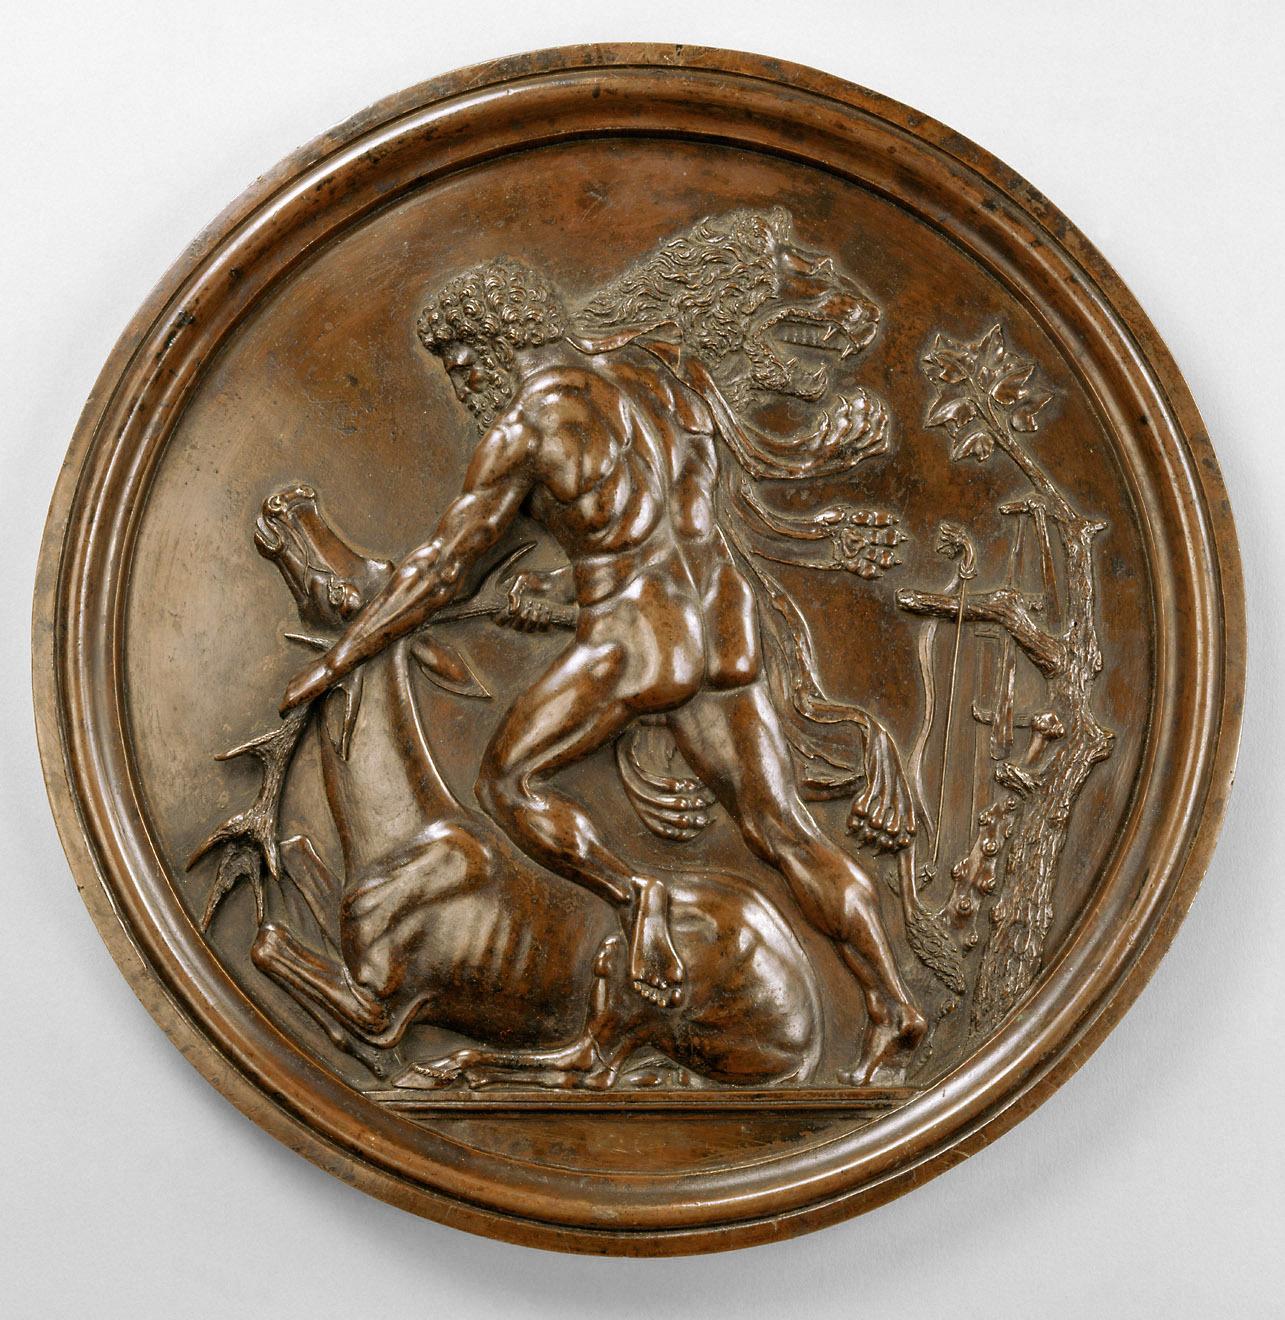 Herkules fängt die kerynitische Hirschkuh von Pier Jacopo Alari de Bonacolsi, gen. Antico